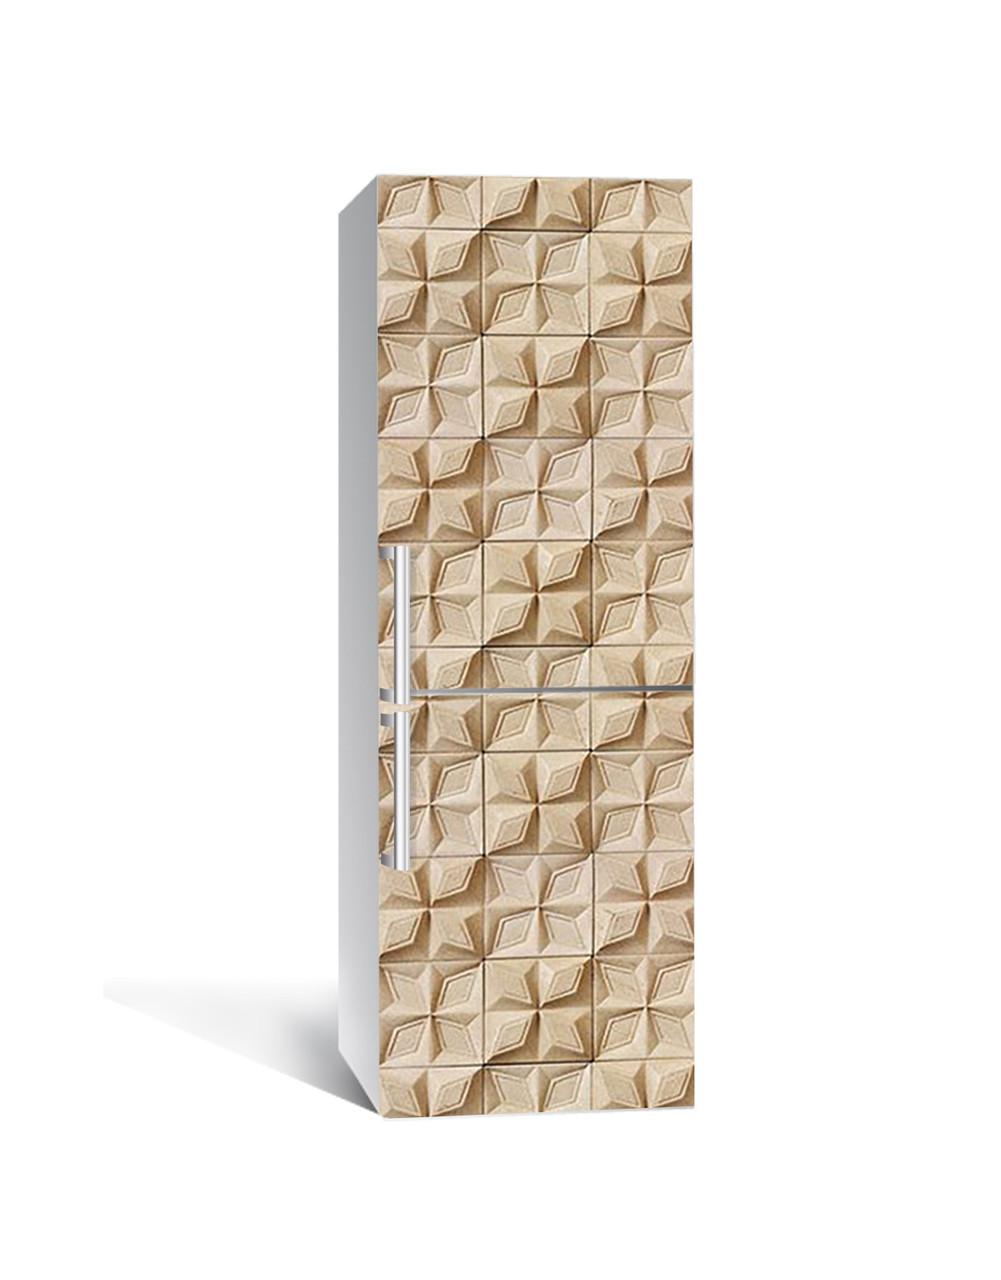 Виниловая наклейка на холодильник 3Д Четырелистник Камень Обман зрения (пленка ПВХ) 65*200см Текстура Бежевый